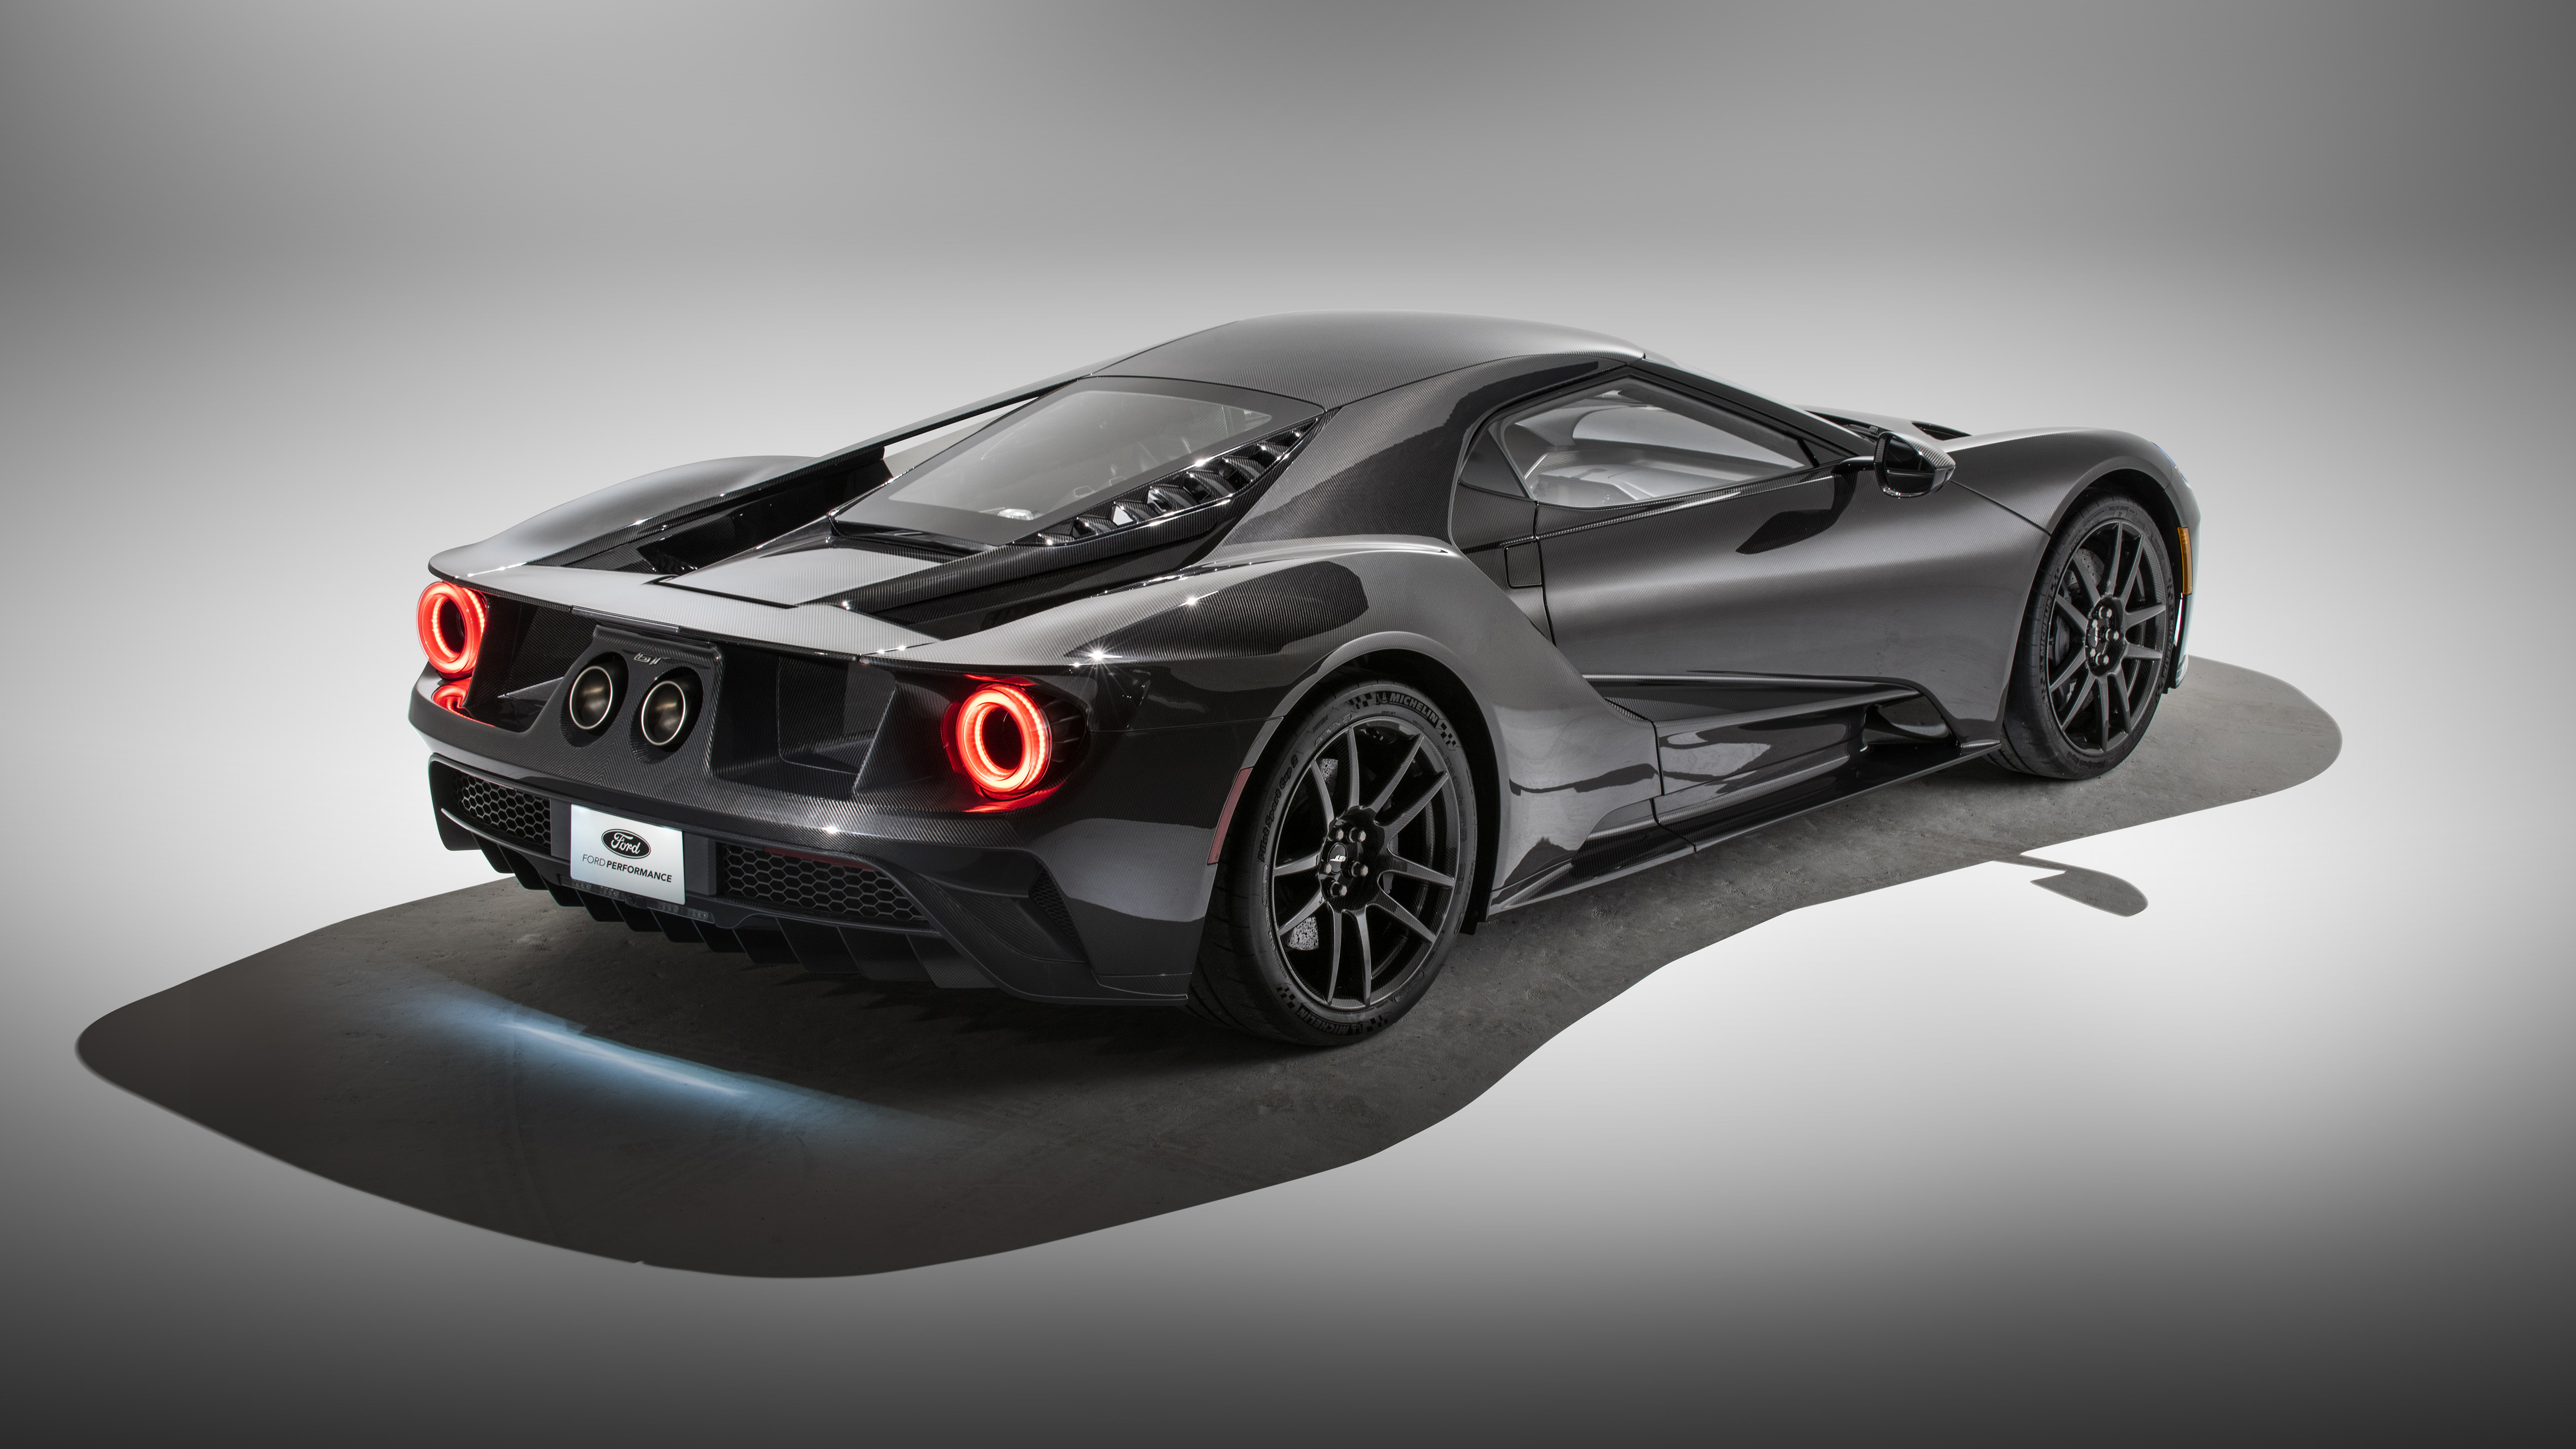 2020 Ford Gt Liquid Carbon 5k 5 Wallpaper Hd Car Wallpapers Id 14261 2020 ford gt liquid carbon 5k 5